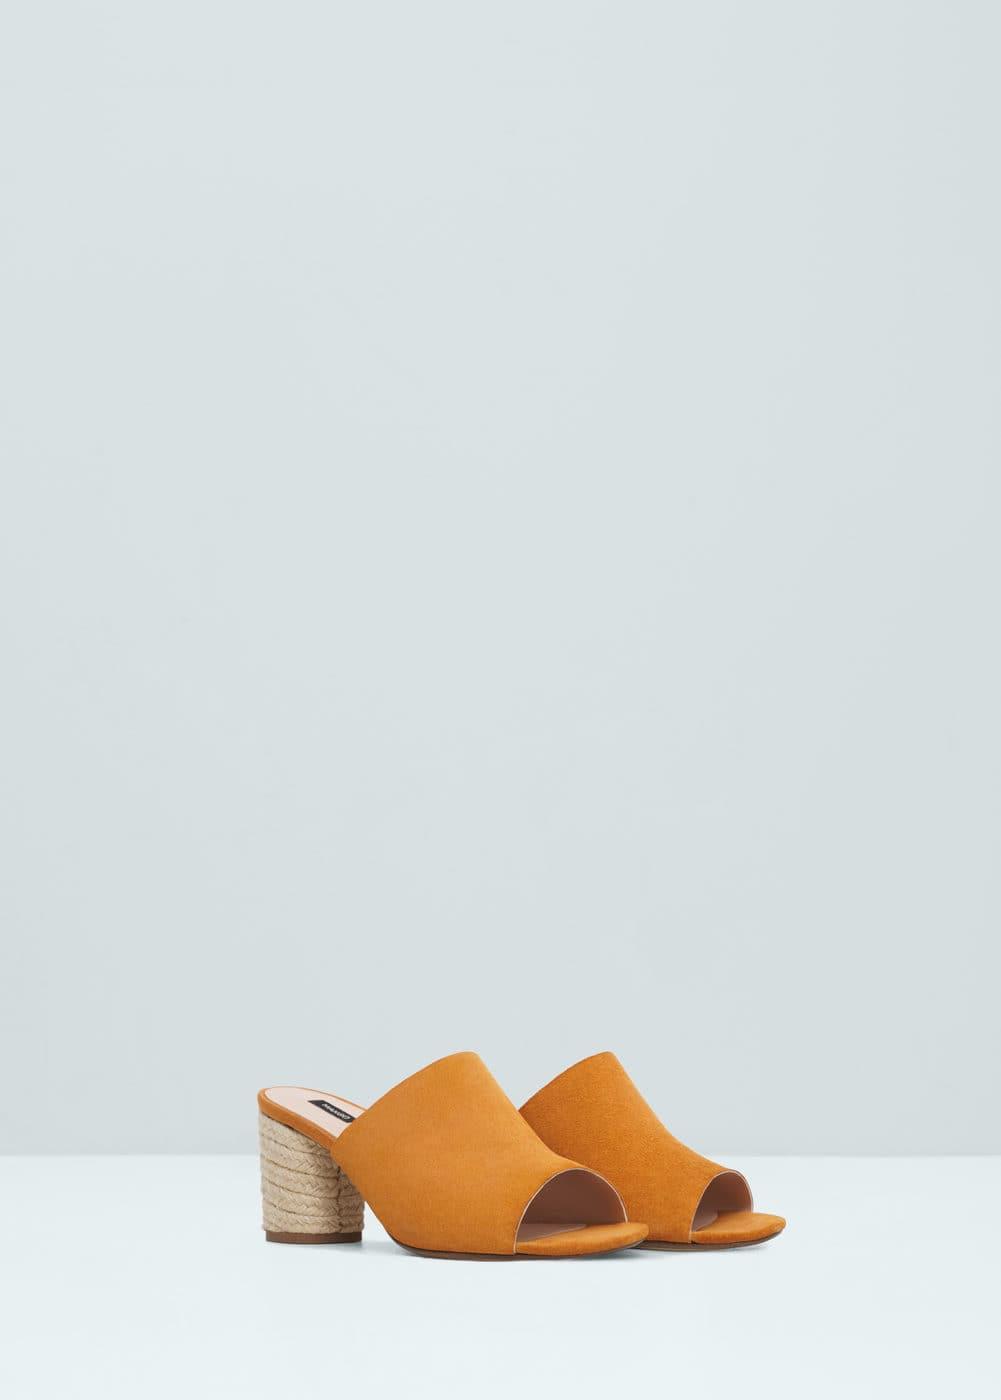 Sandalia piel esparto | MANGO